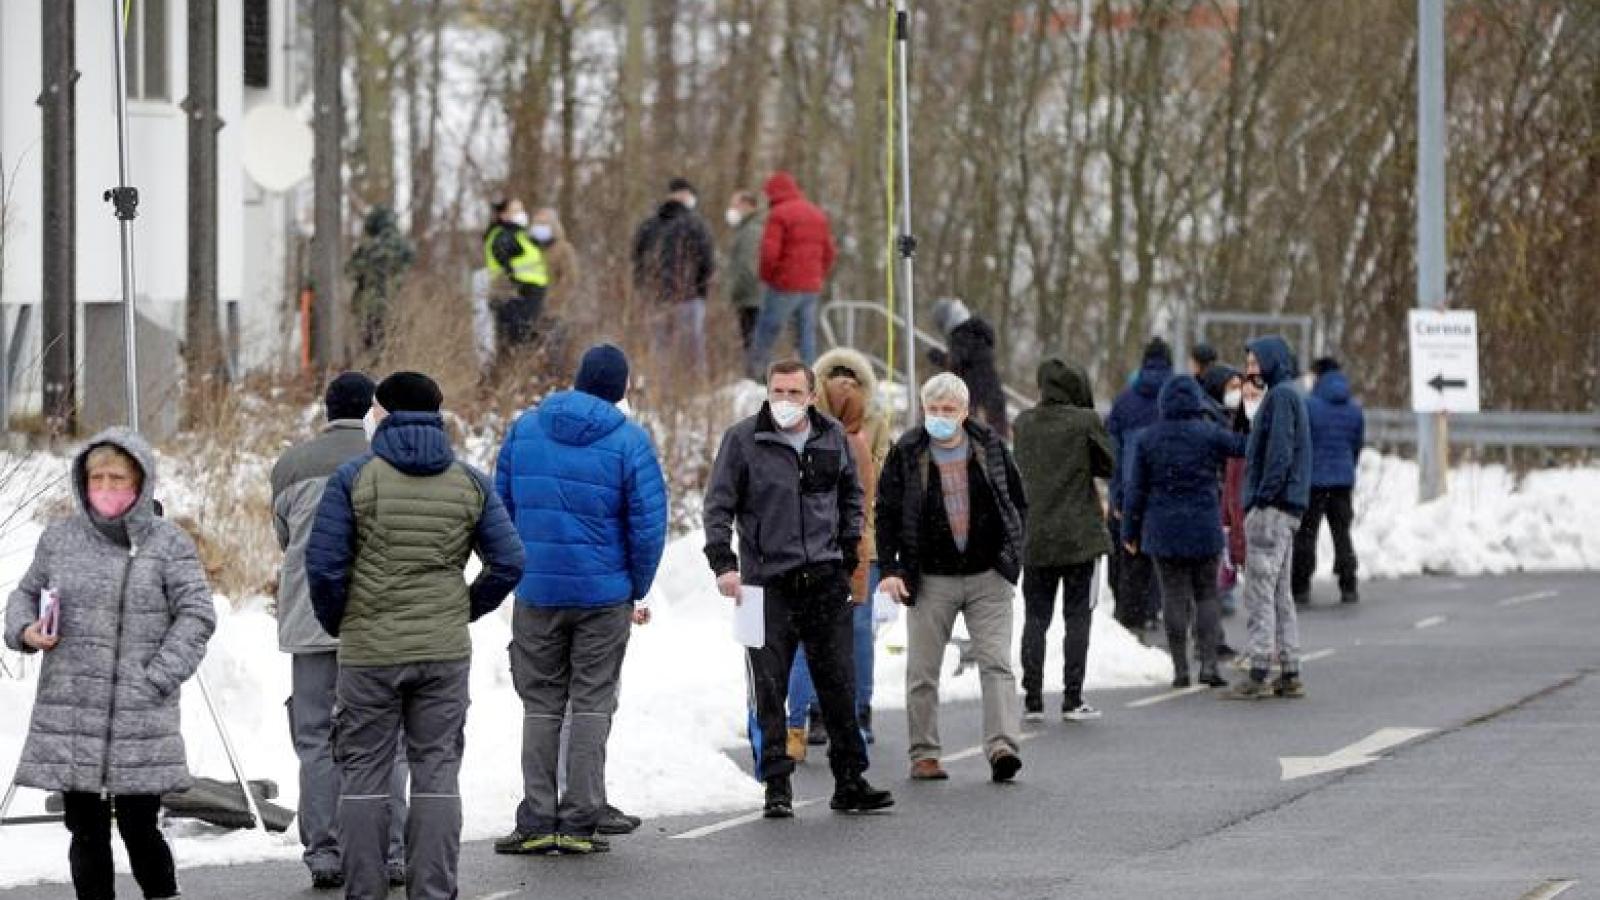 Đức sẽ chấm dứt kiểm soát biên giới với Cộng hòa Séc từ 14/4